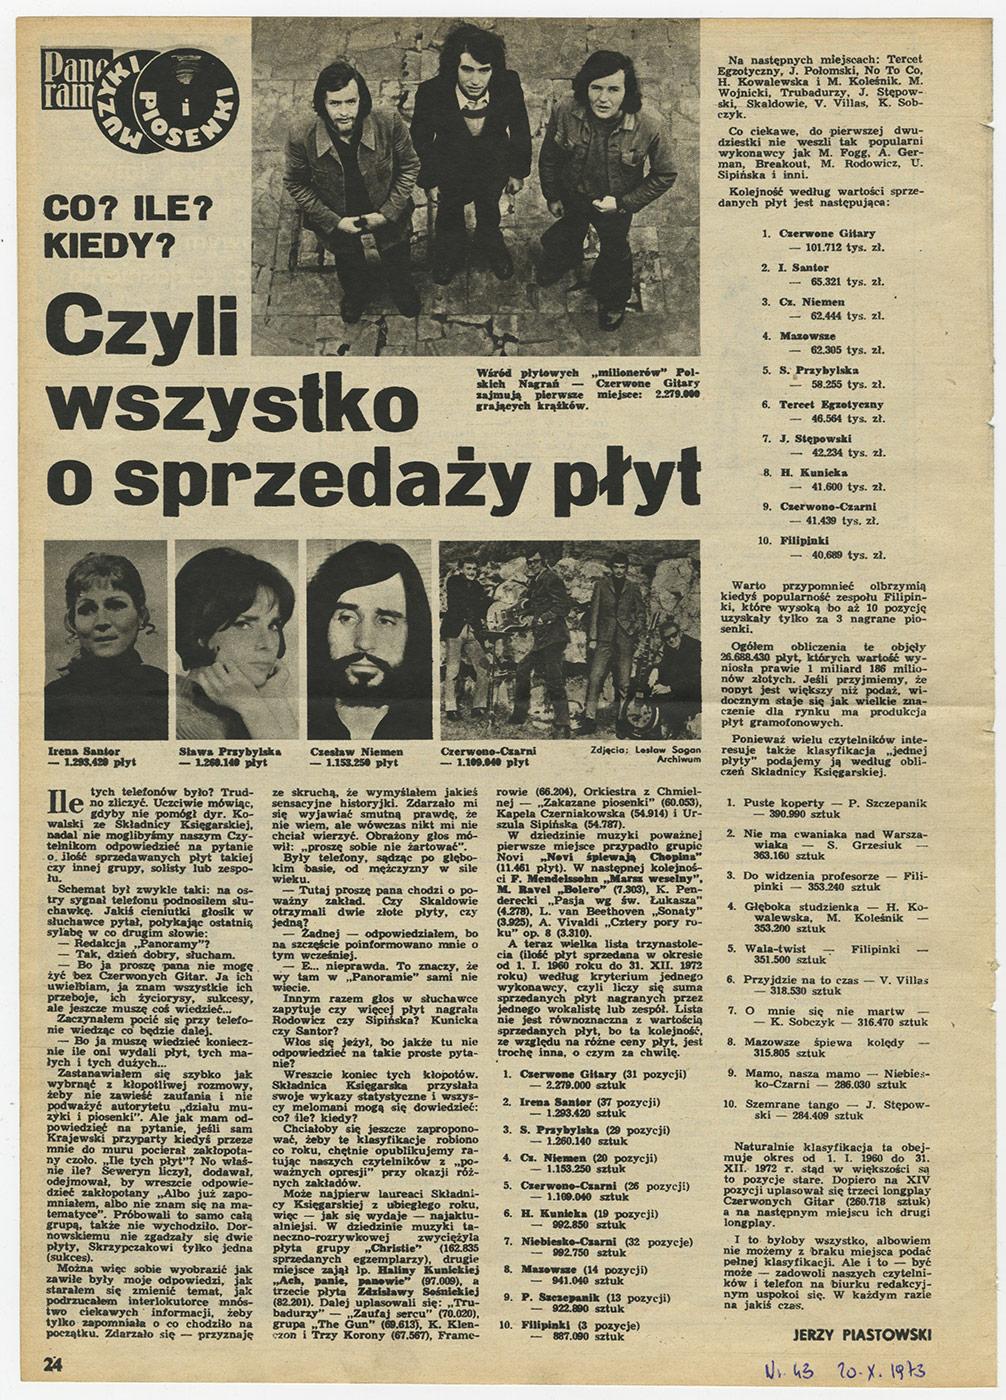 1969-1978_Panorama_1973_czyli_wszystko_o_sprzedazy_plyt